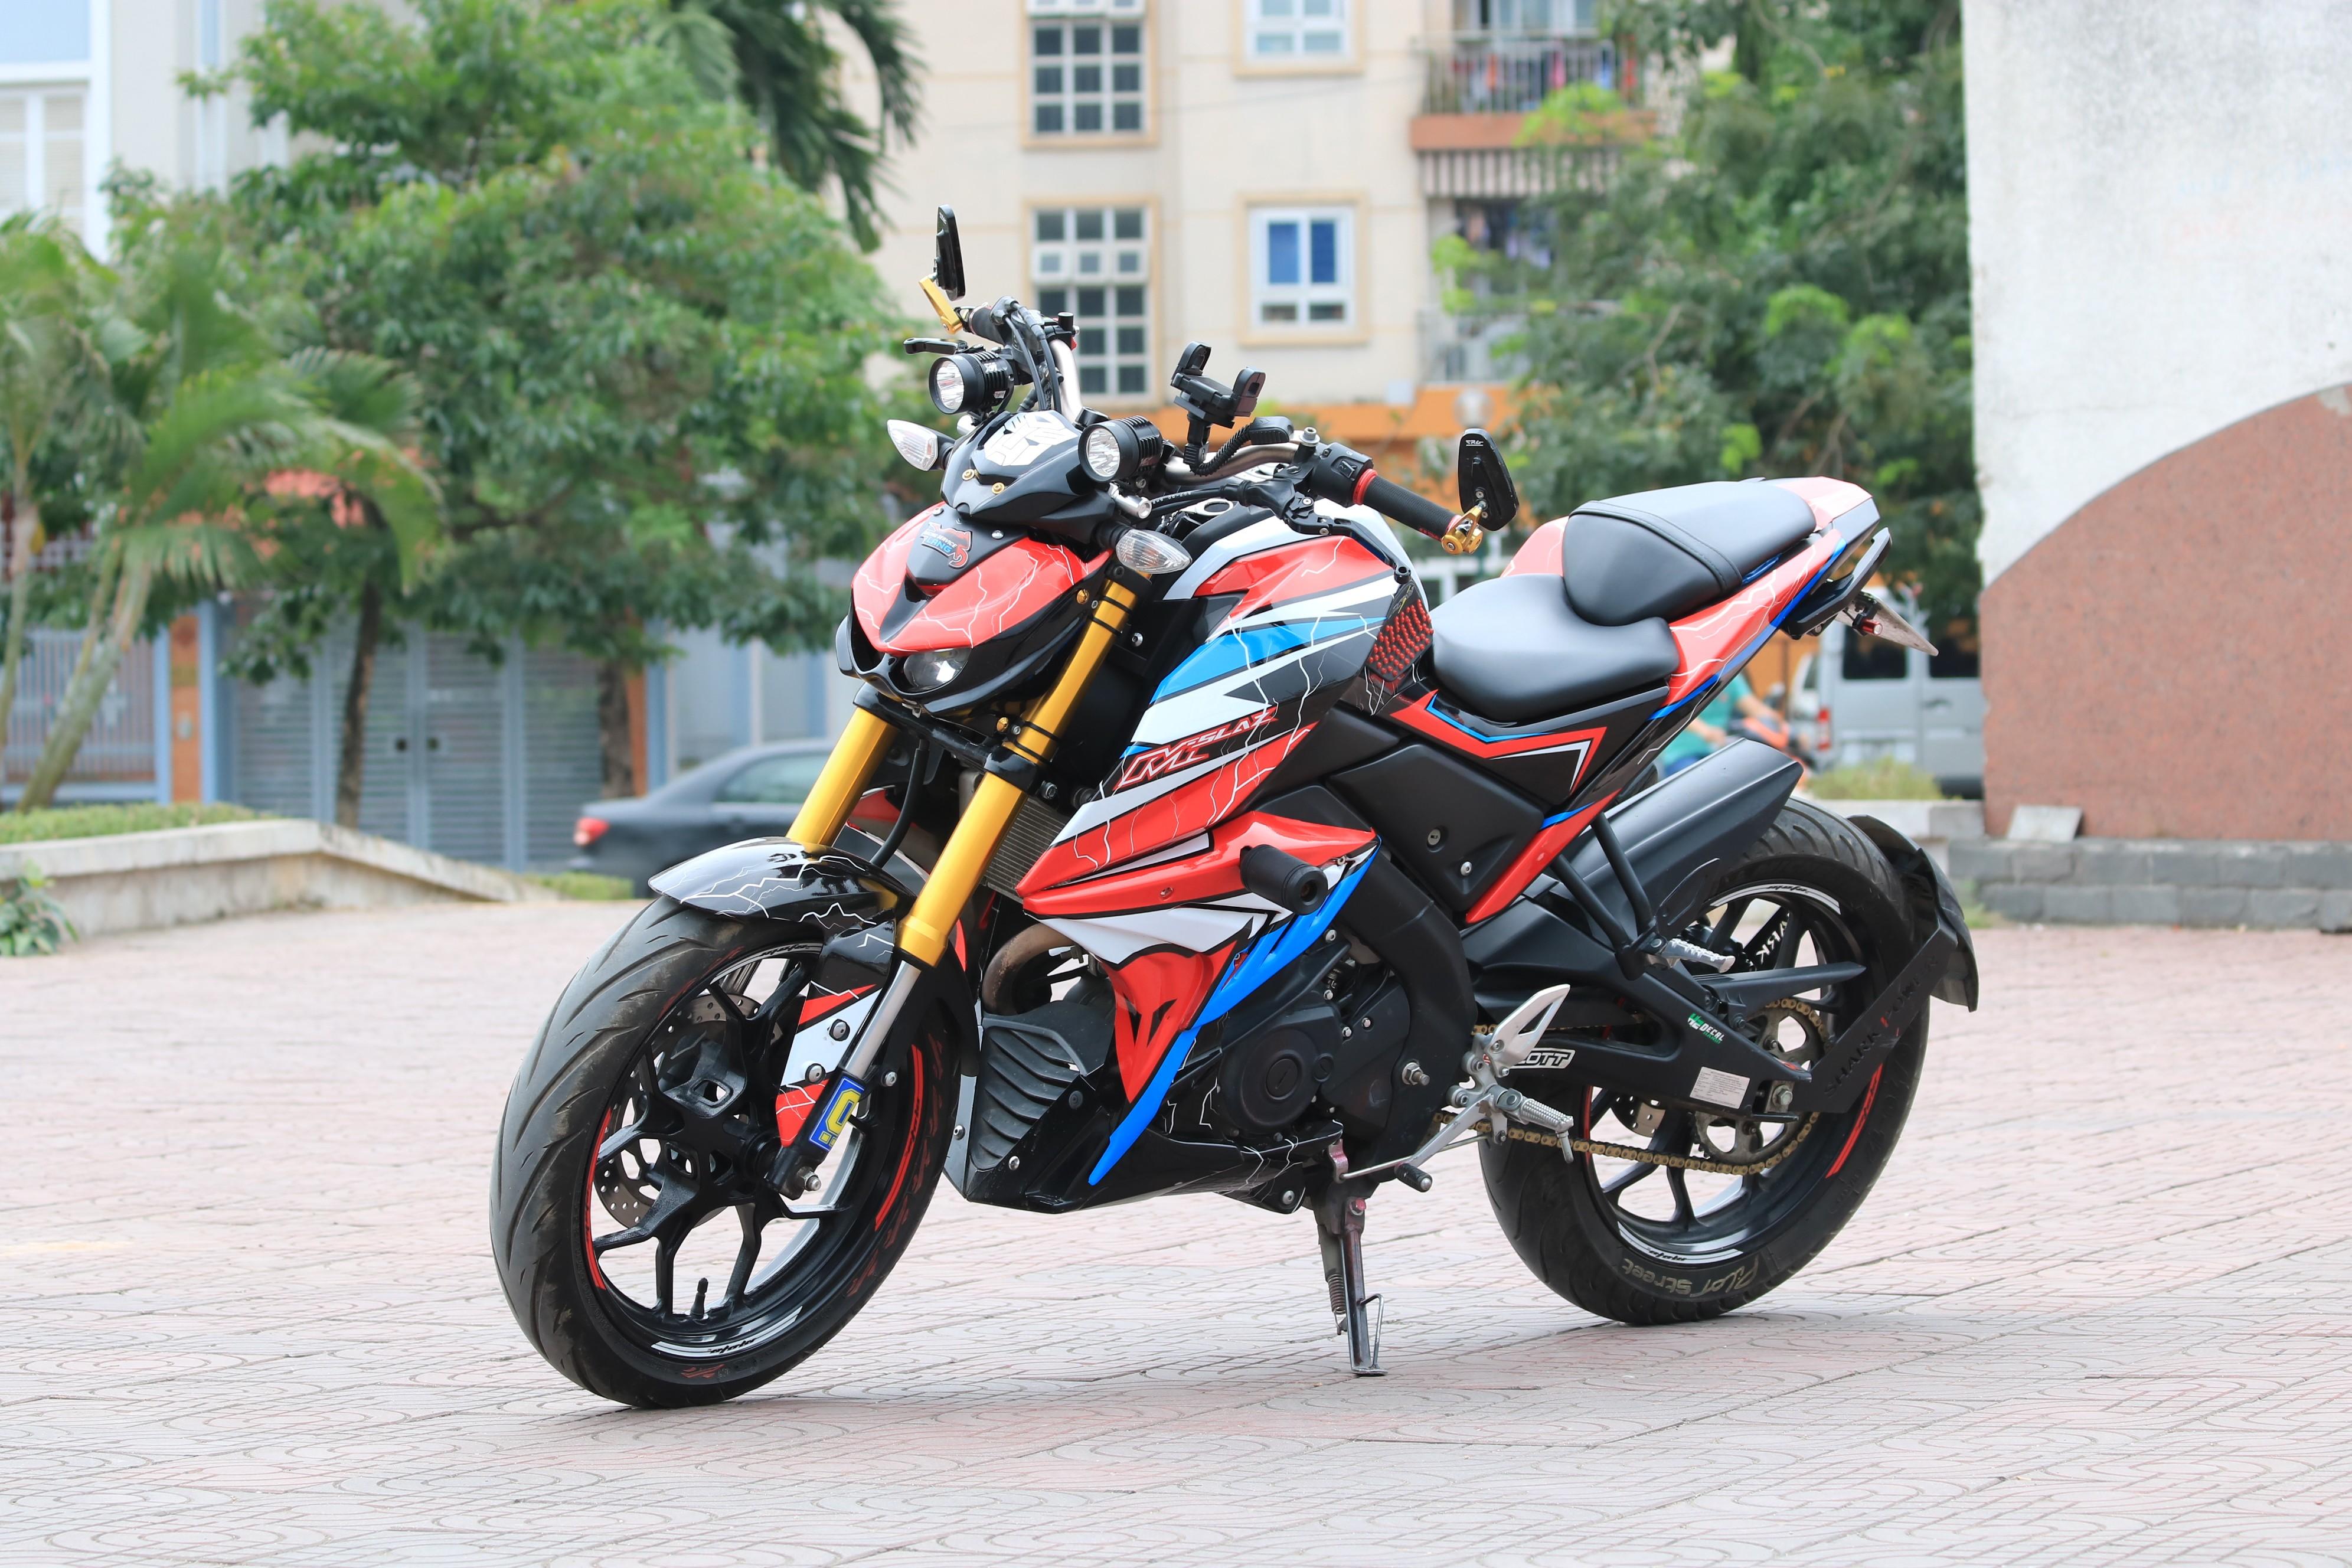 Thú chơi xe - Yamaha TFX 150 'hô biến' thành Kawasaki Z1000 đẹp, độc, lạ của biker Việt